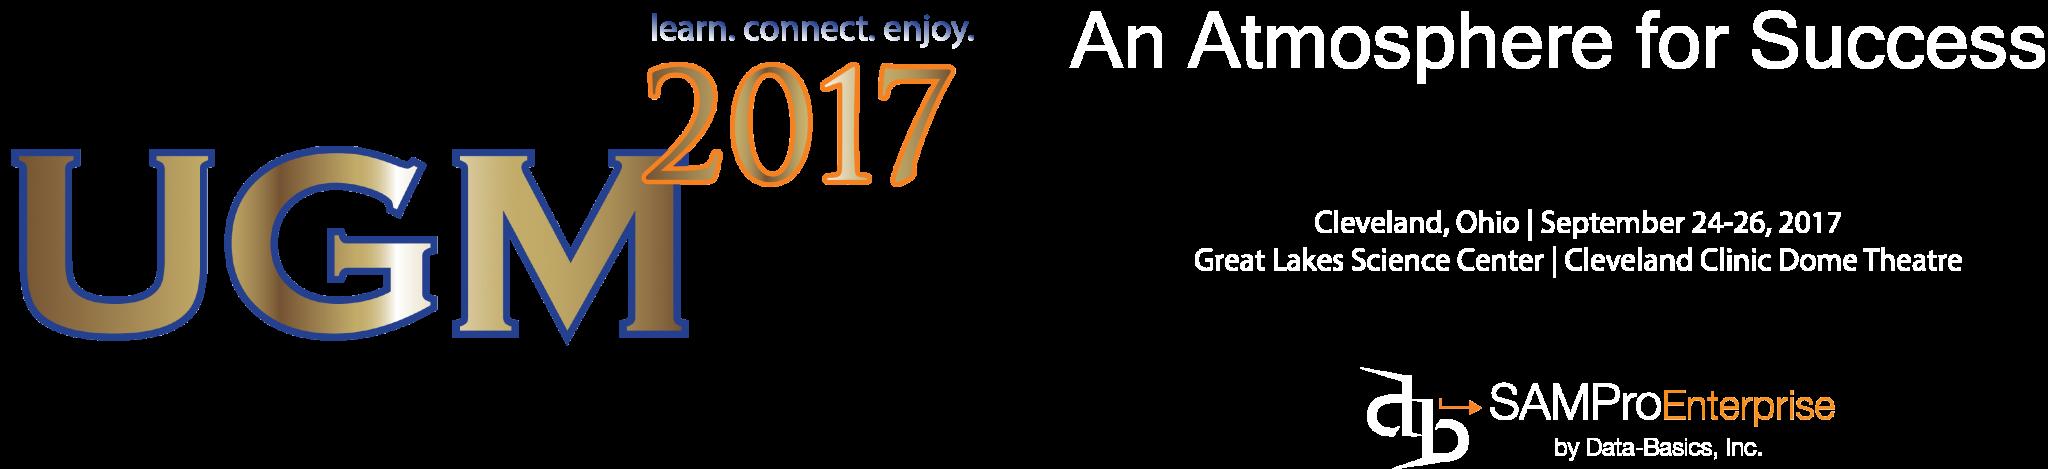 Data Basics User Group Meeting 2017 Cleveland Ohio